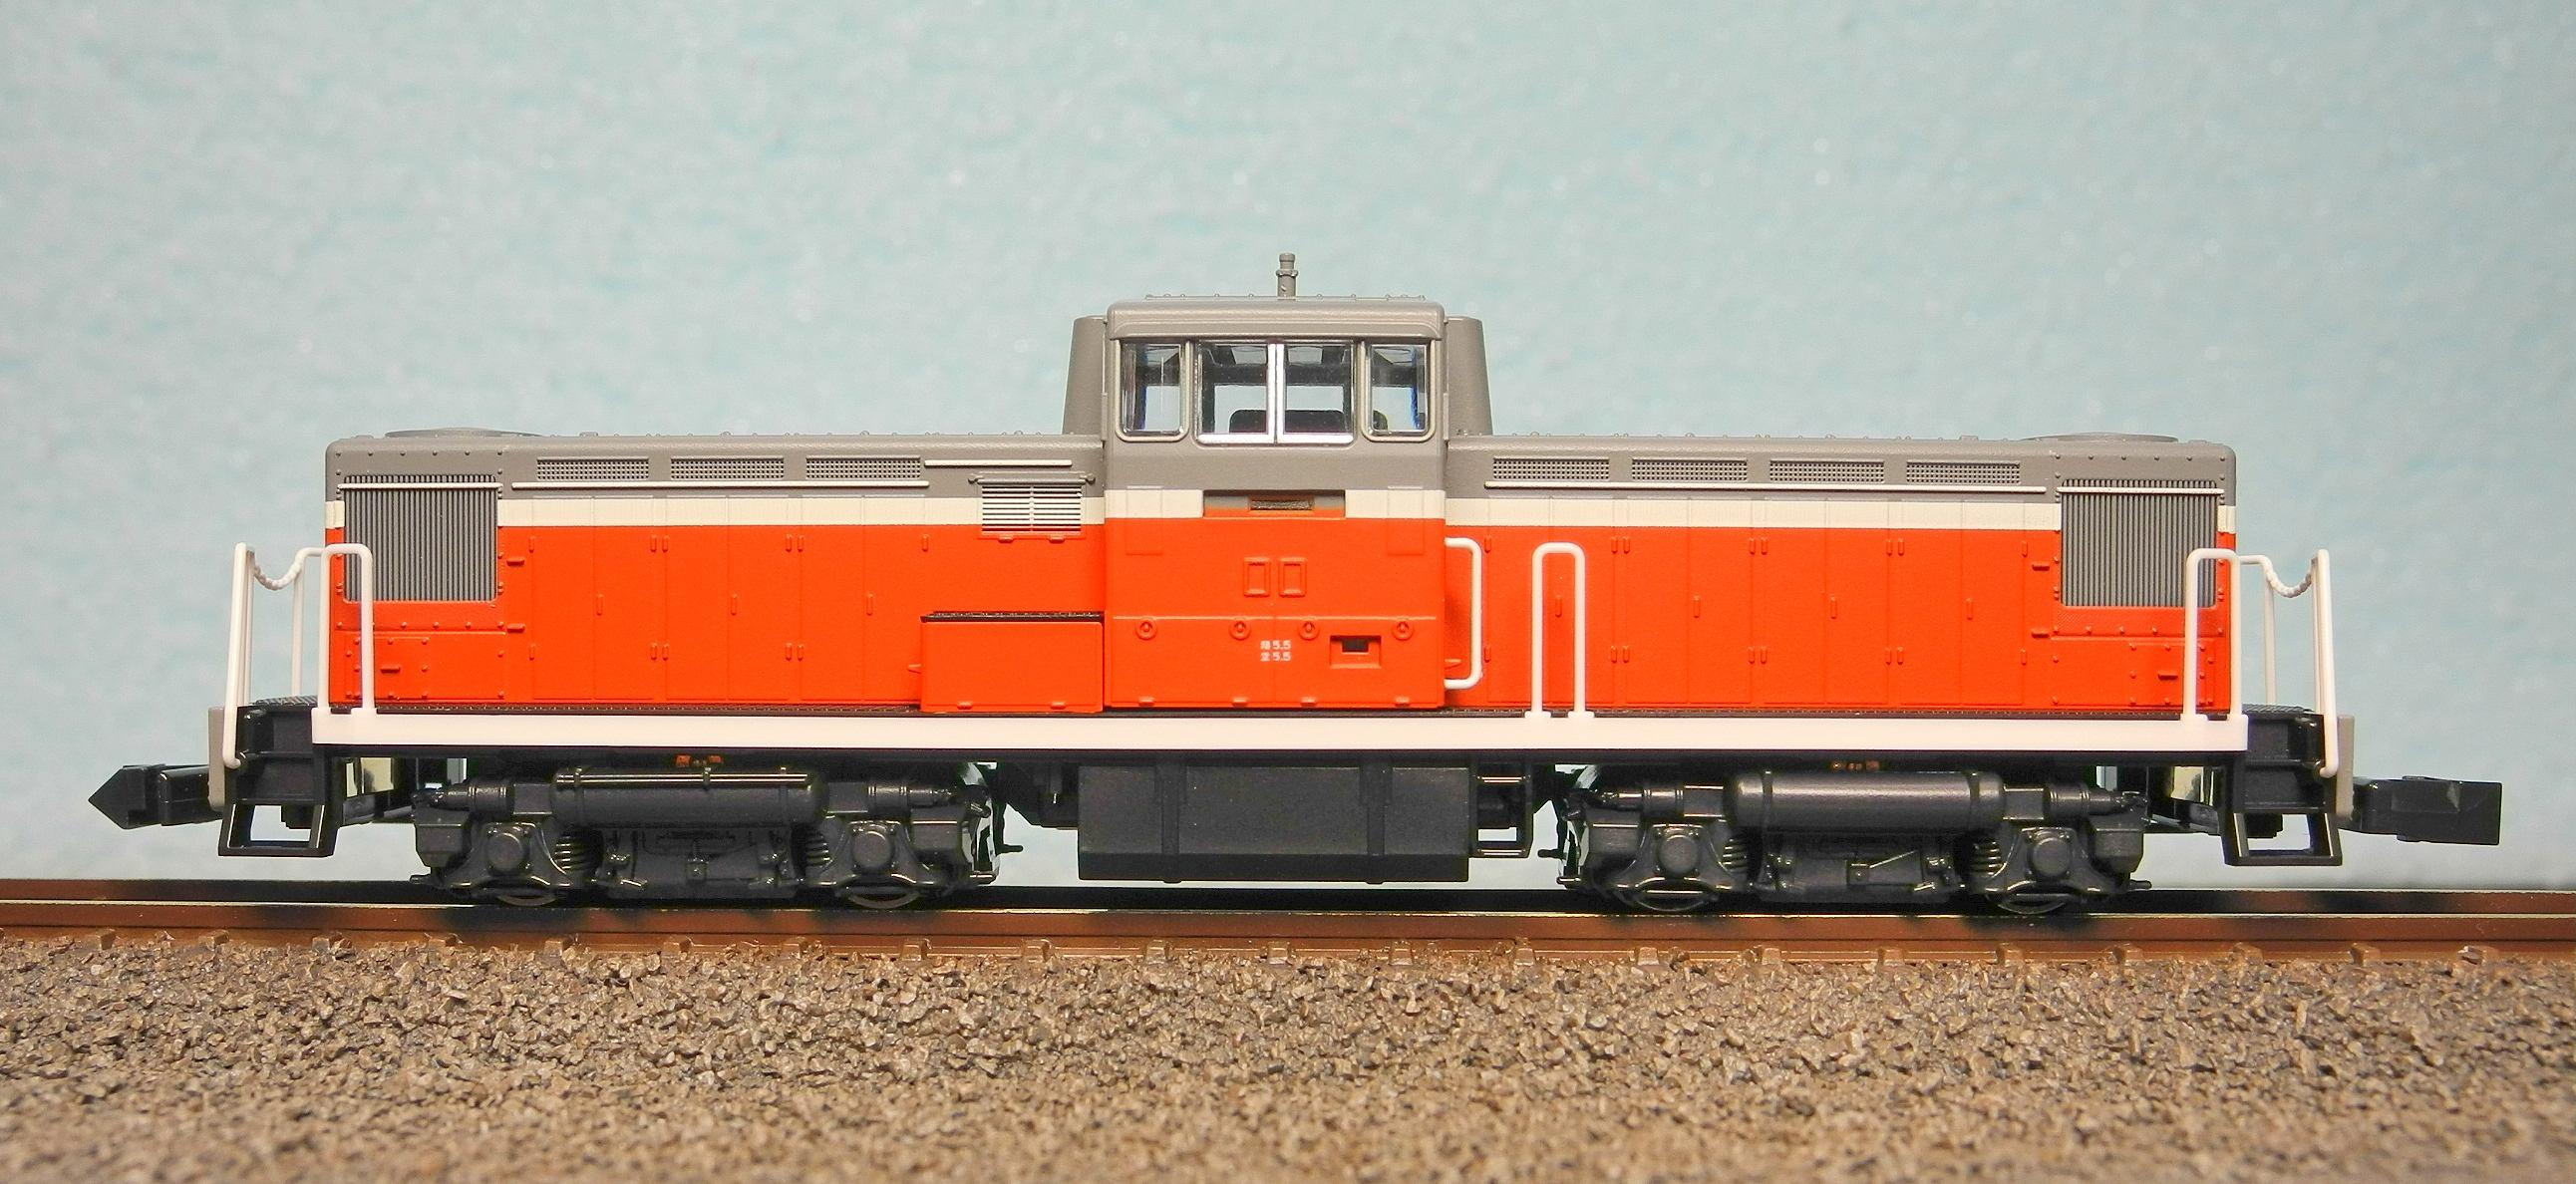 DSCN7051-1.jpg